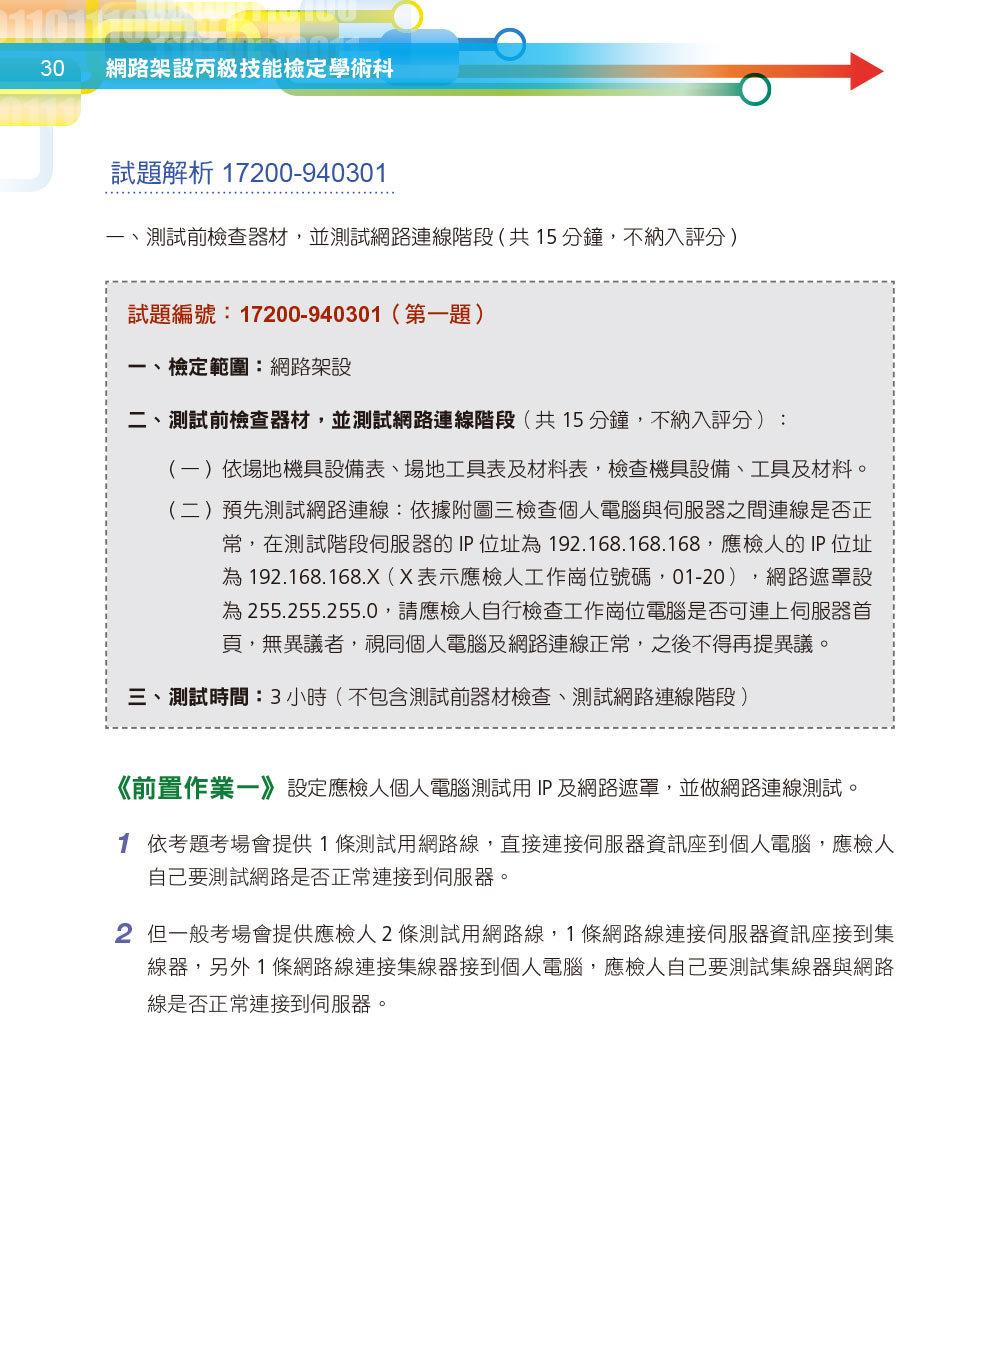 網路架設丙級技能檢定學術科 2021版-preview-9